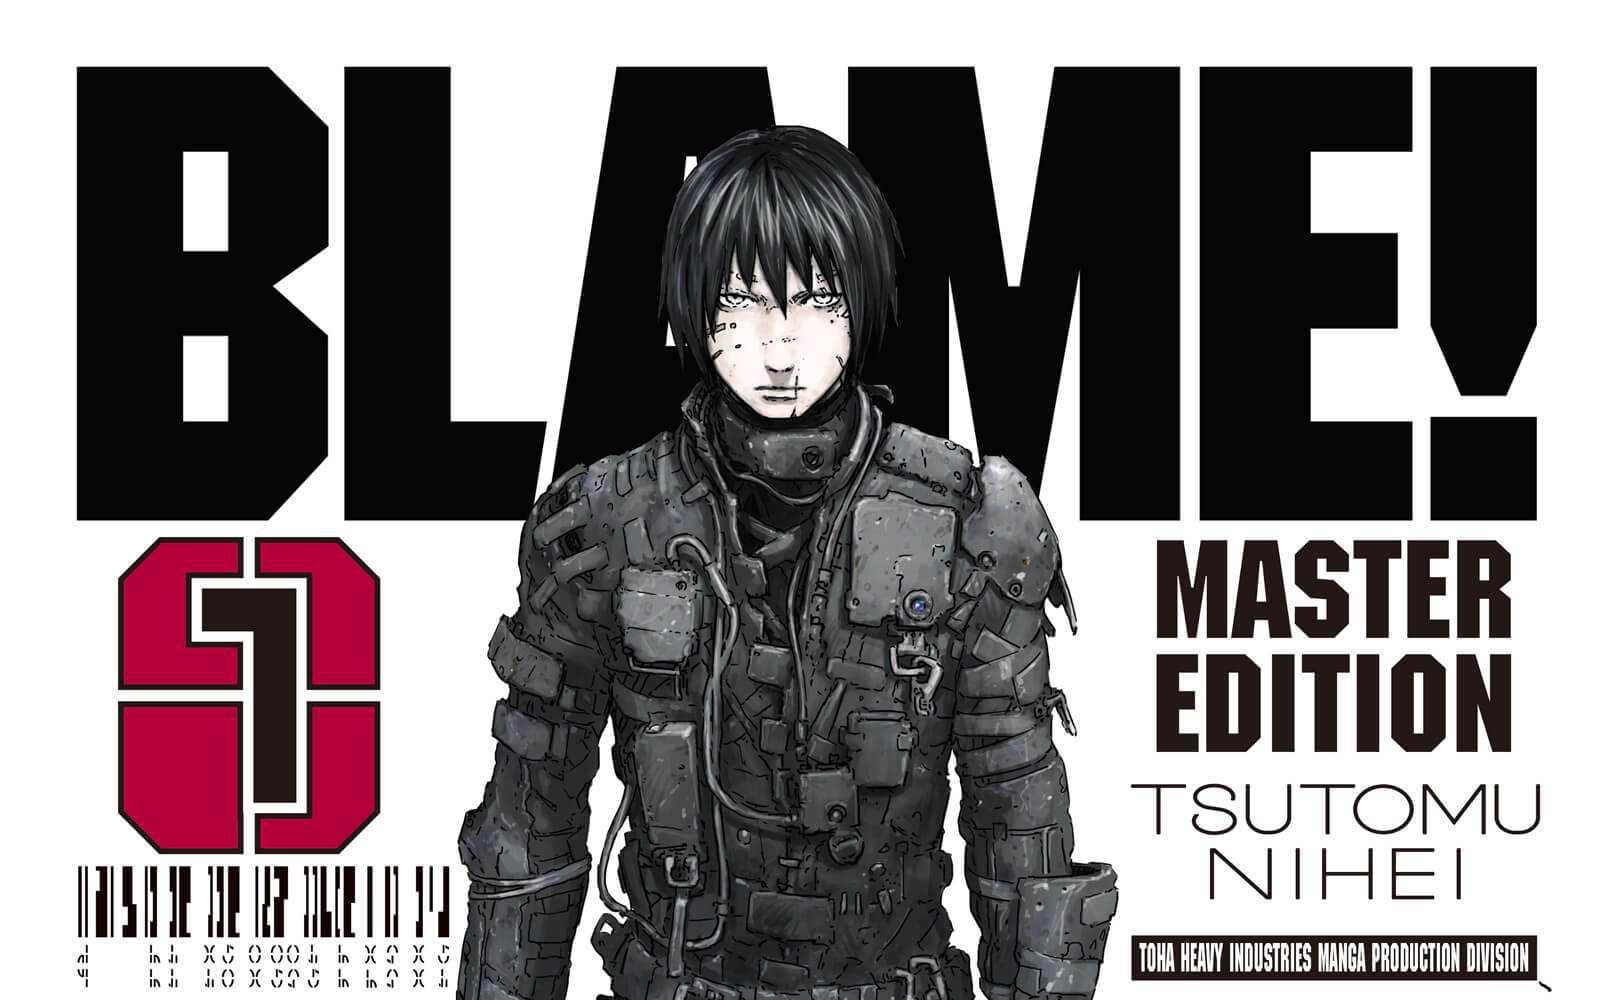 Blame Vol 1 Tsutomu Nihei